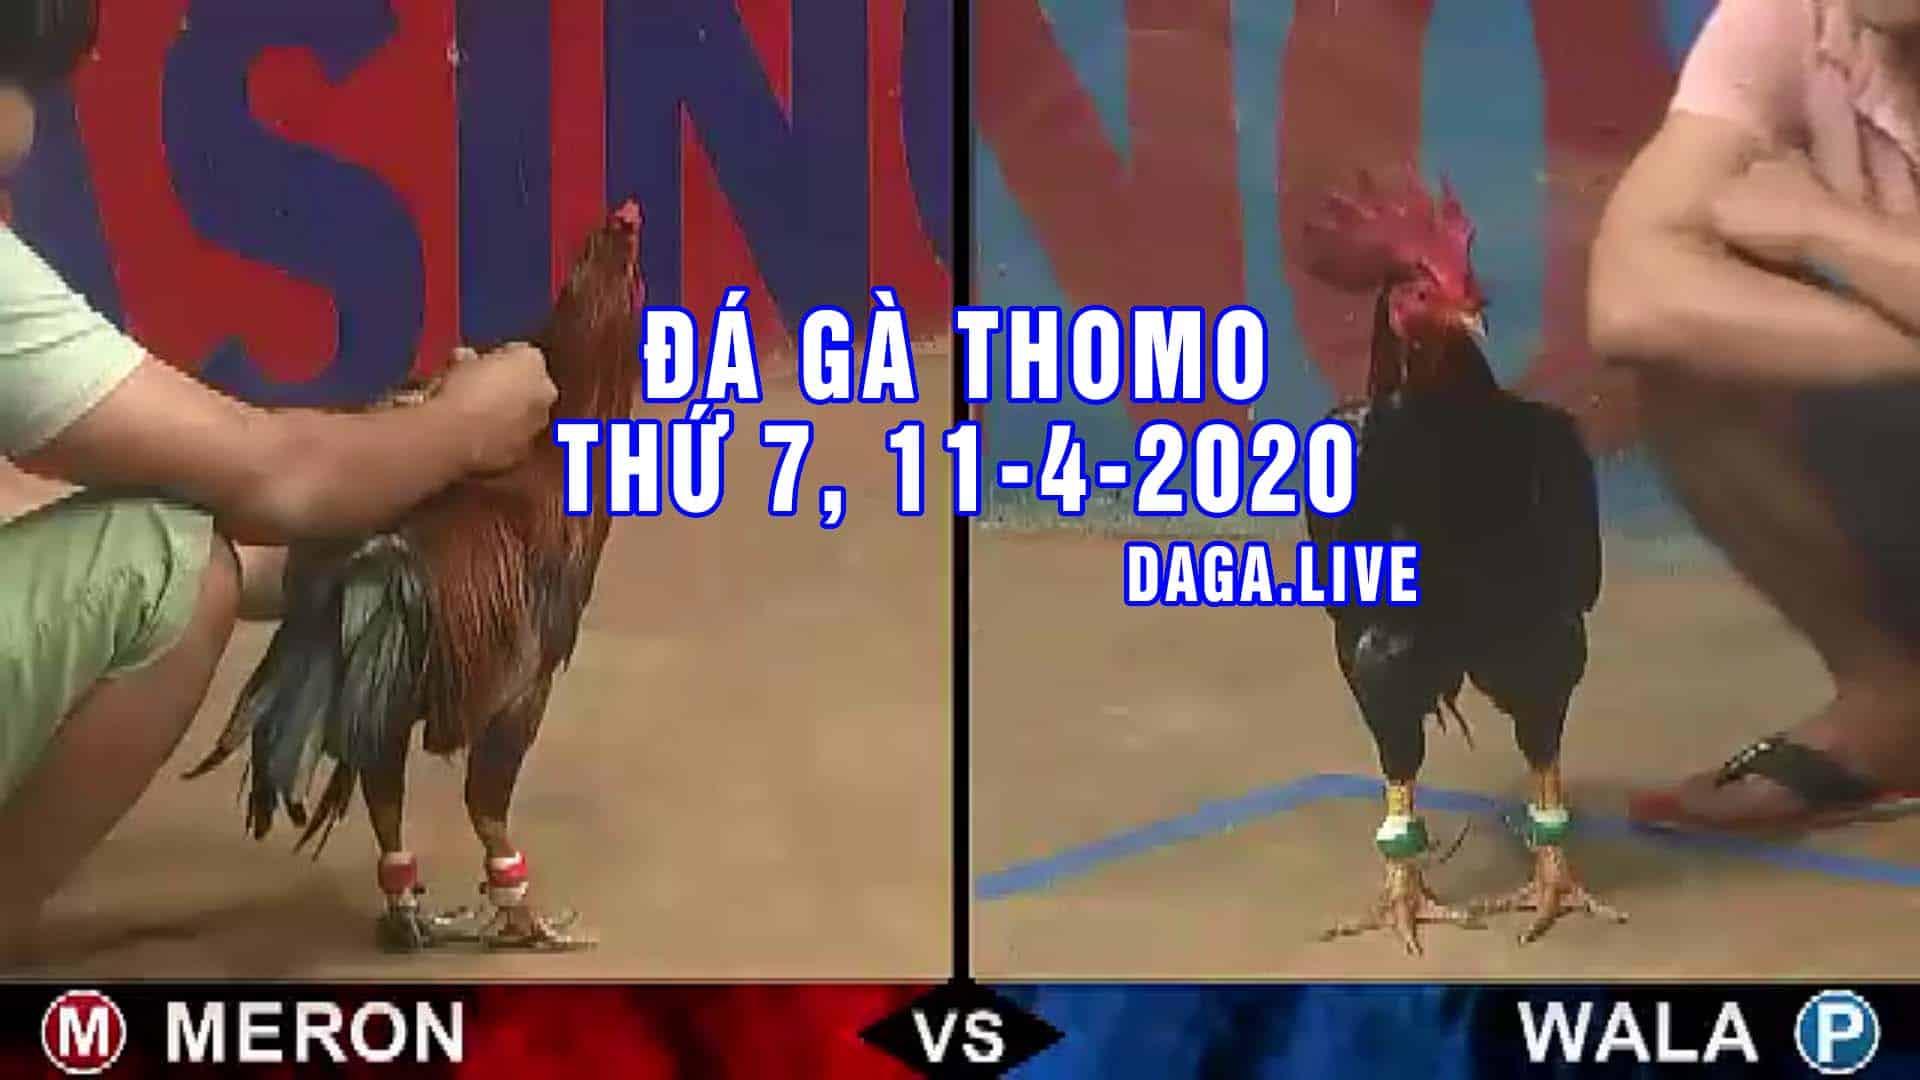 DAGA.LIVE - Đá gà trực tiếp thomo hôm nay, đá gà thomo, đá gà campuchia thứ 7 NGÀY 11-4-2020